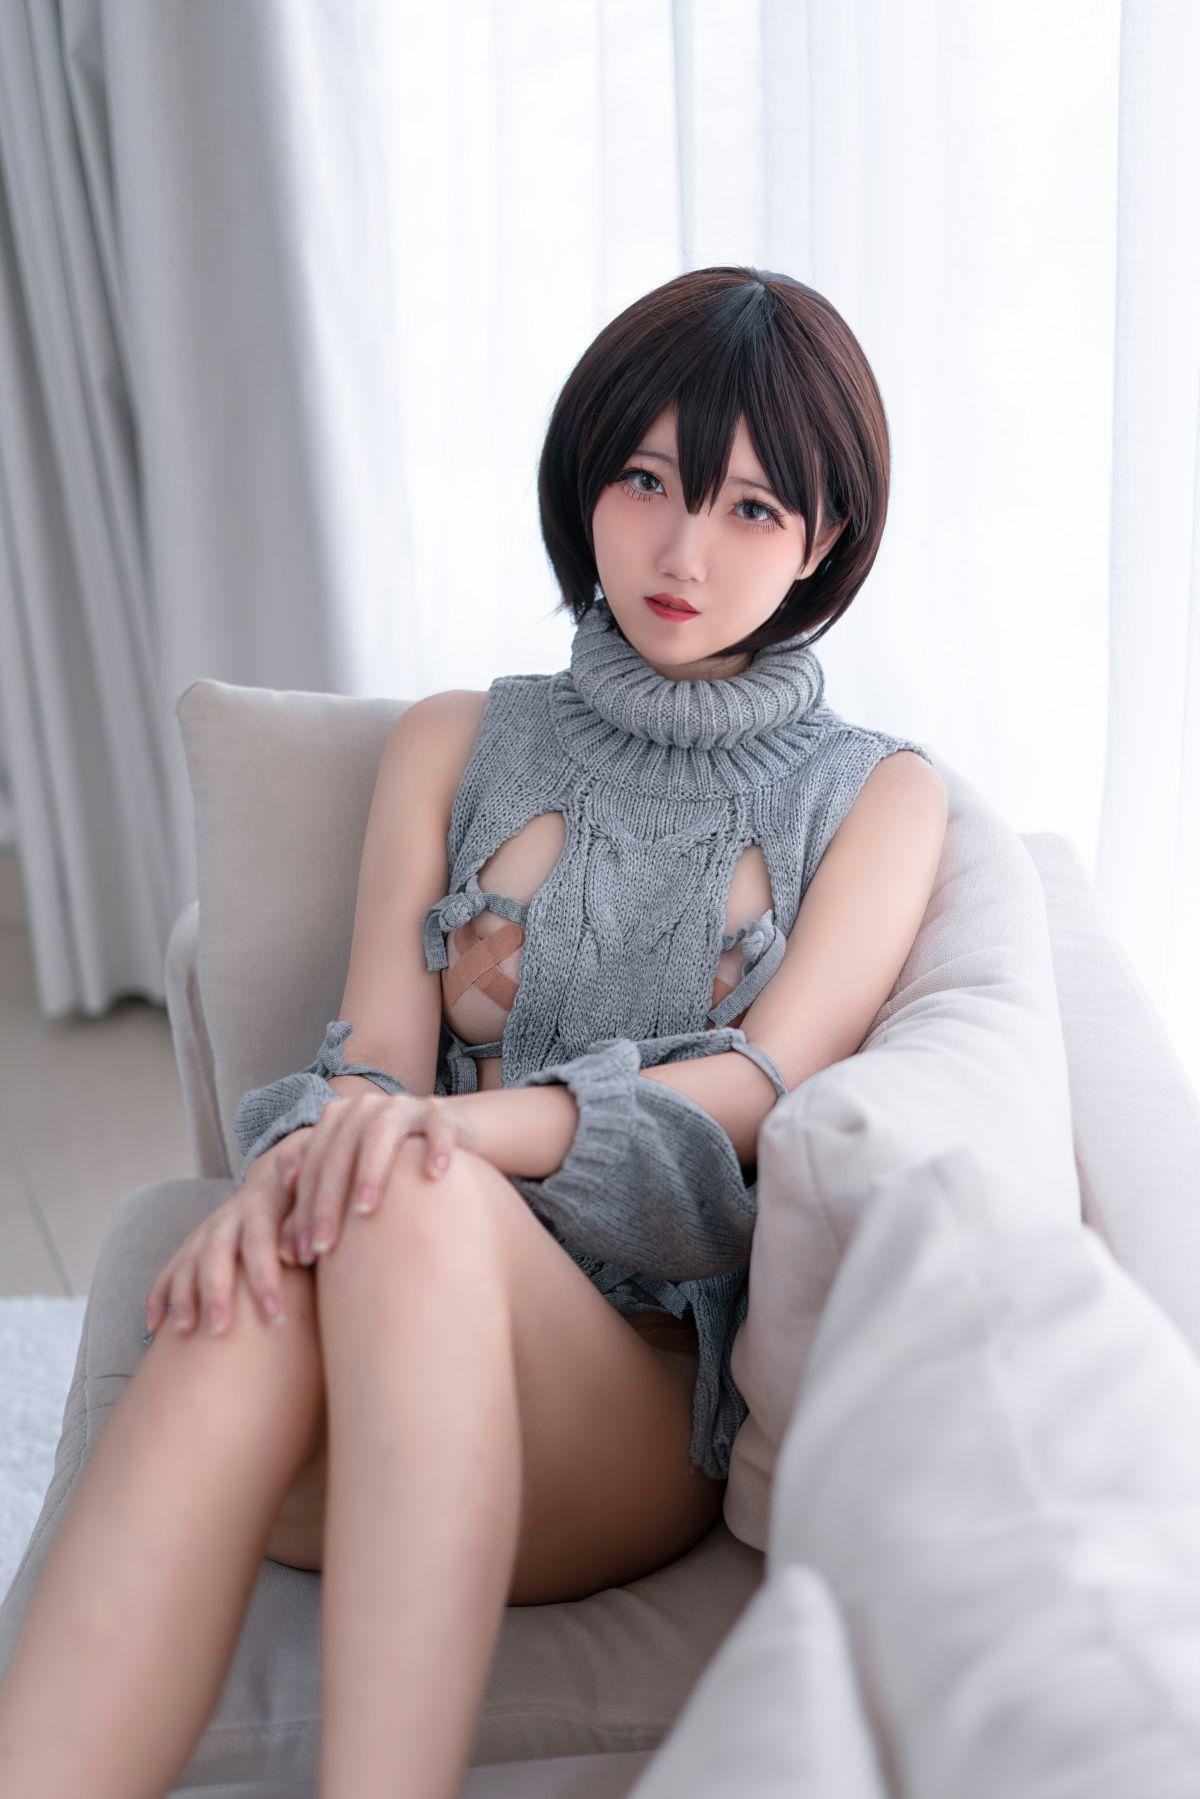 鬼马少女阿薰kaOri 露背毛衣[20P] 其他套图 第4张